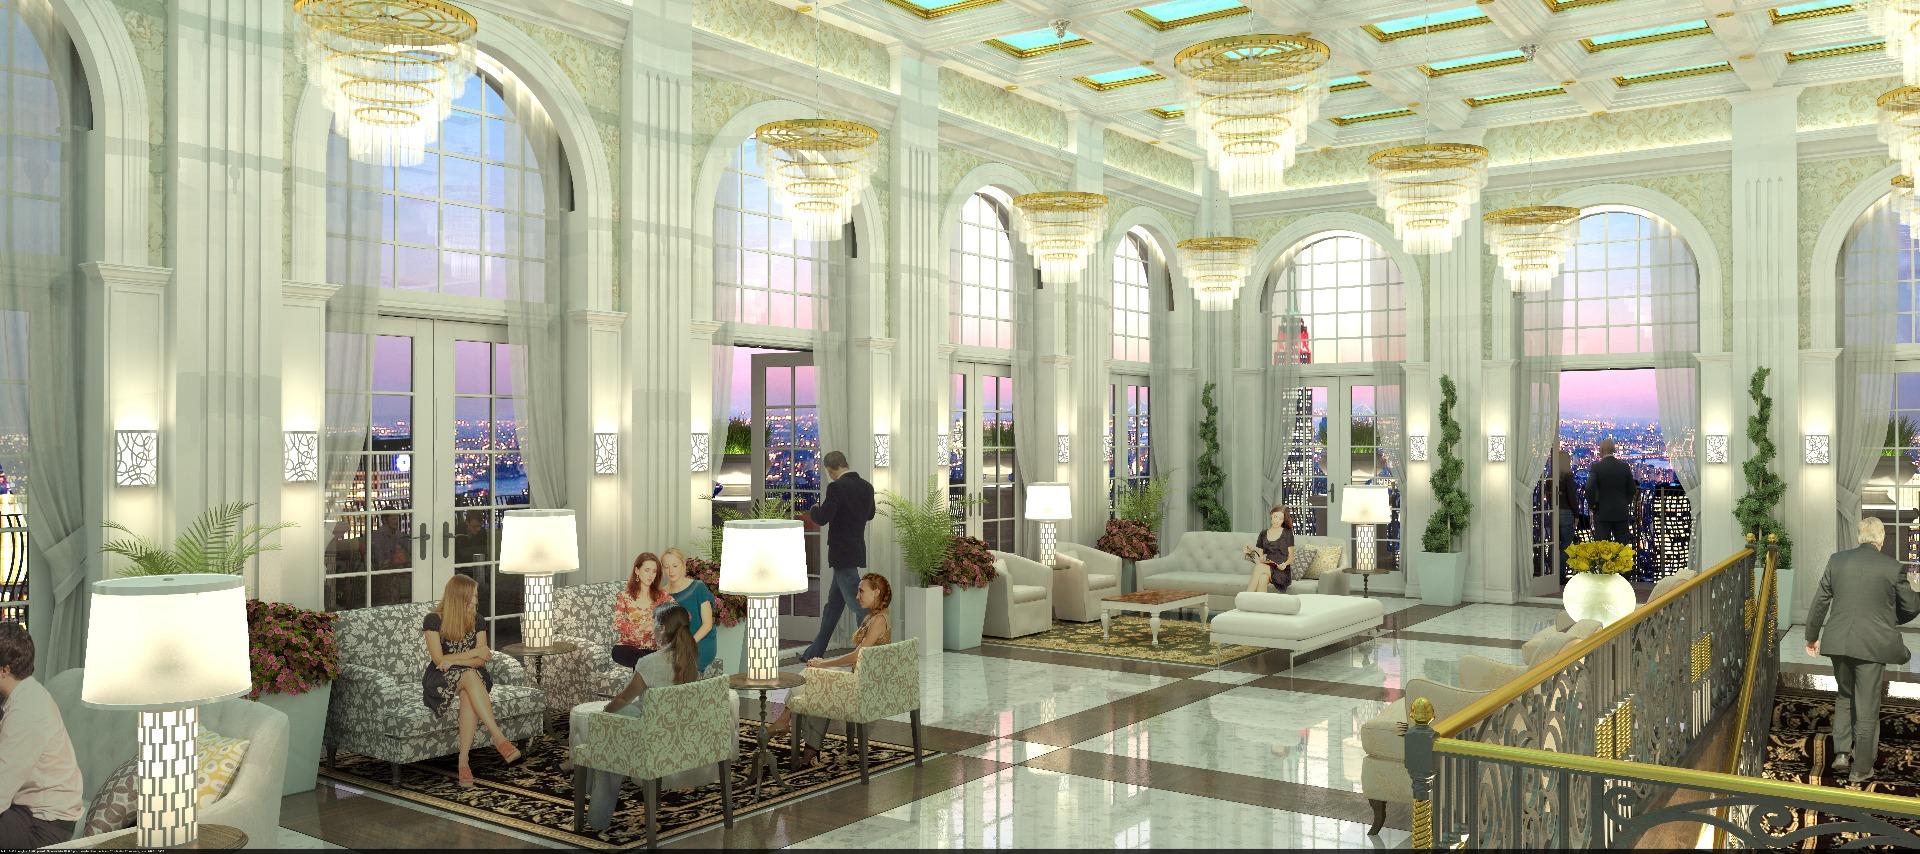 classical interior07 2016-11-10 22555100000.jpg